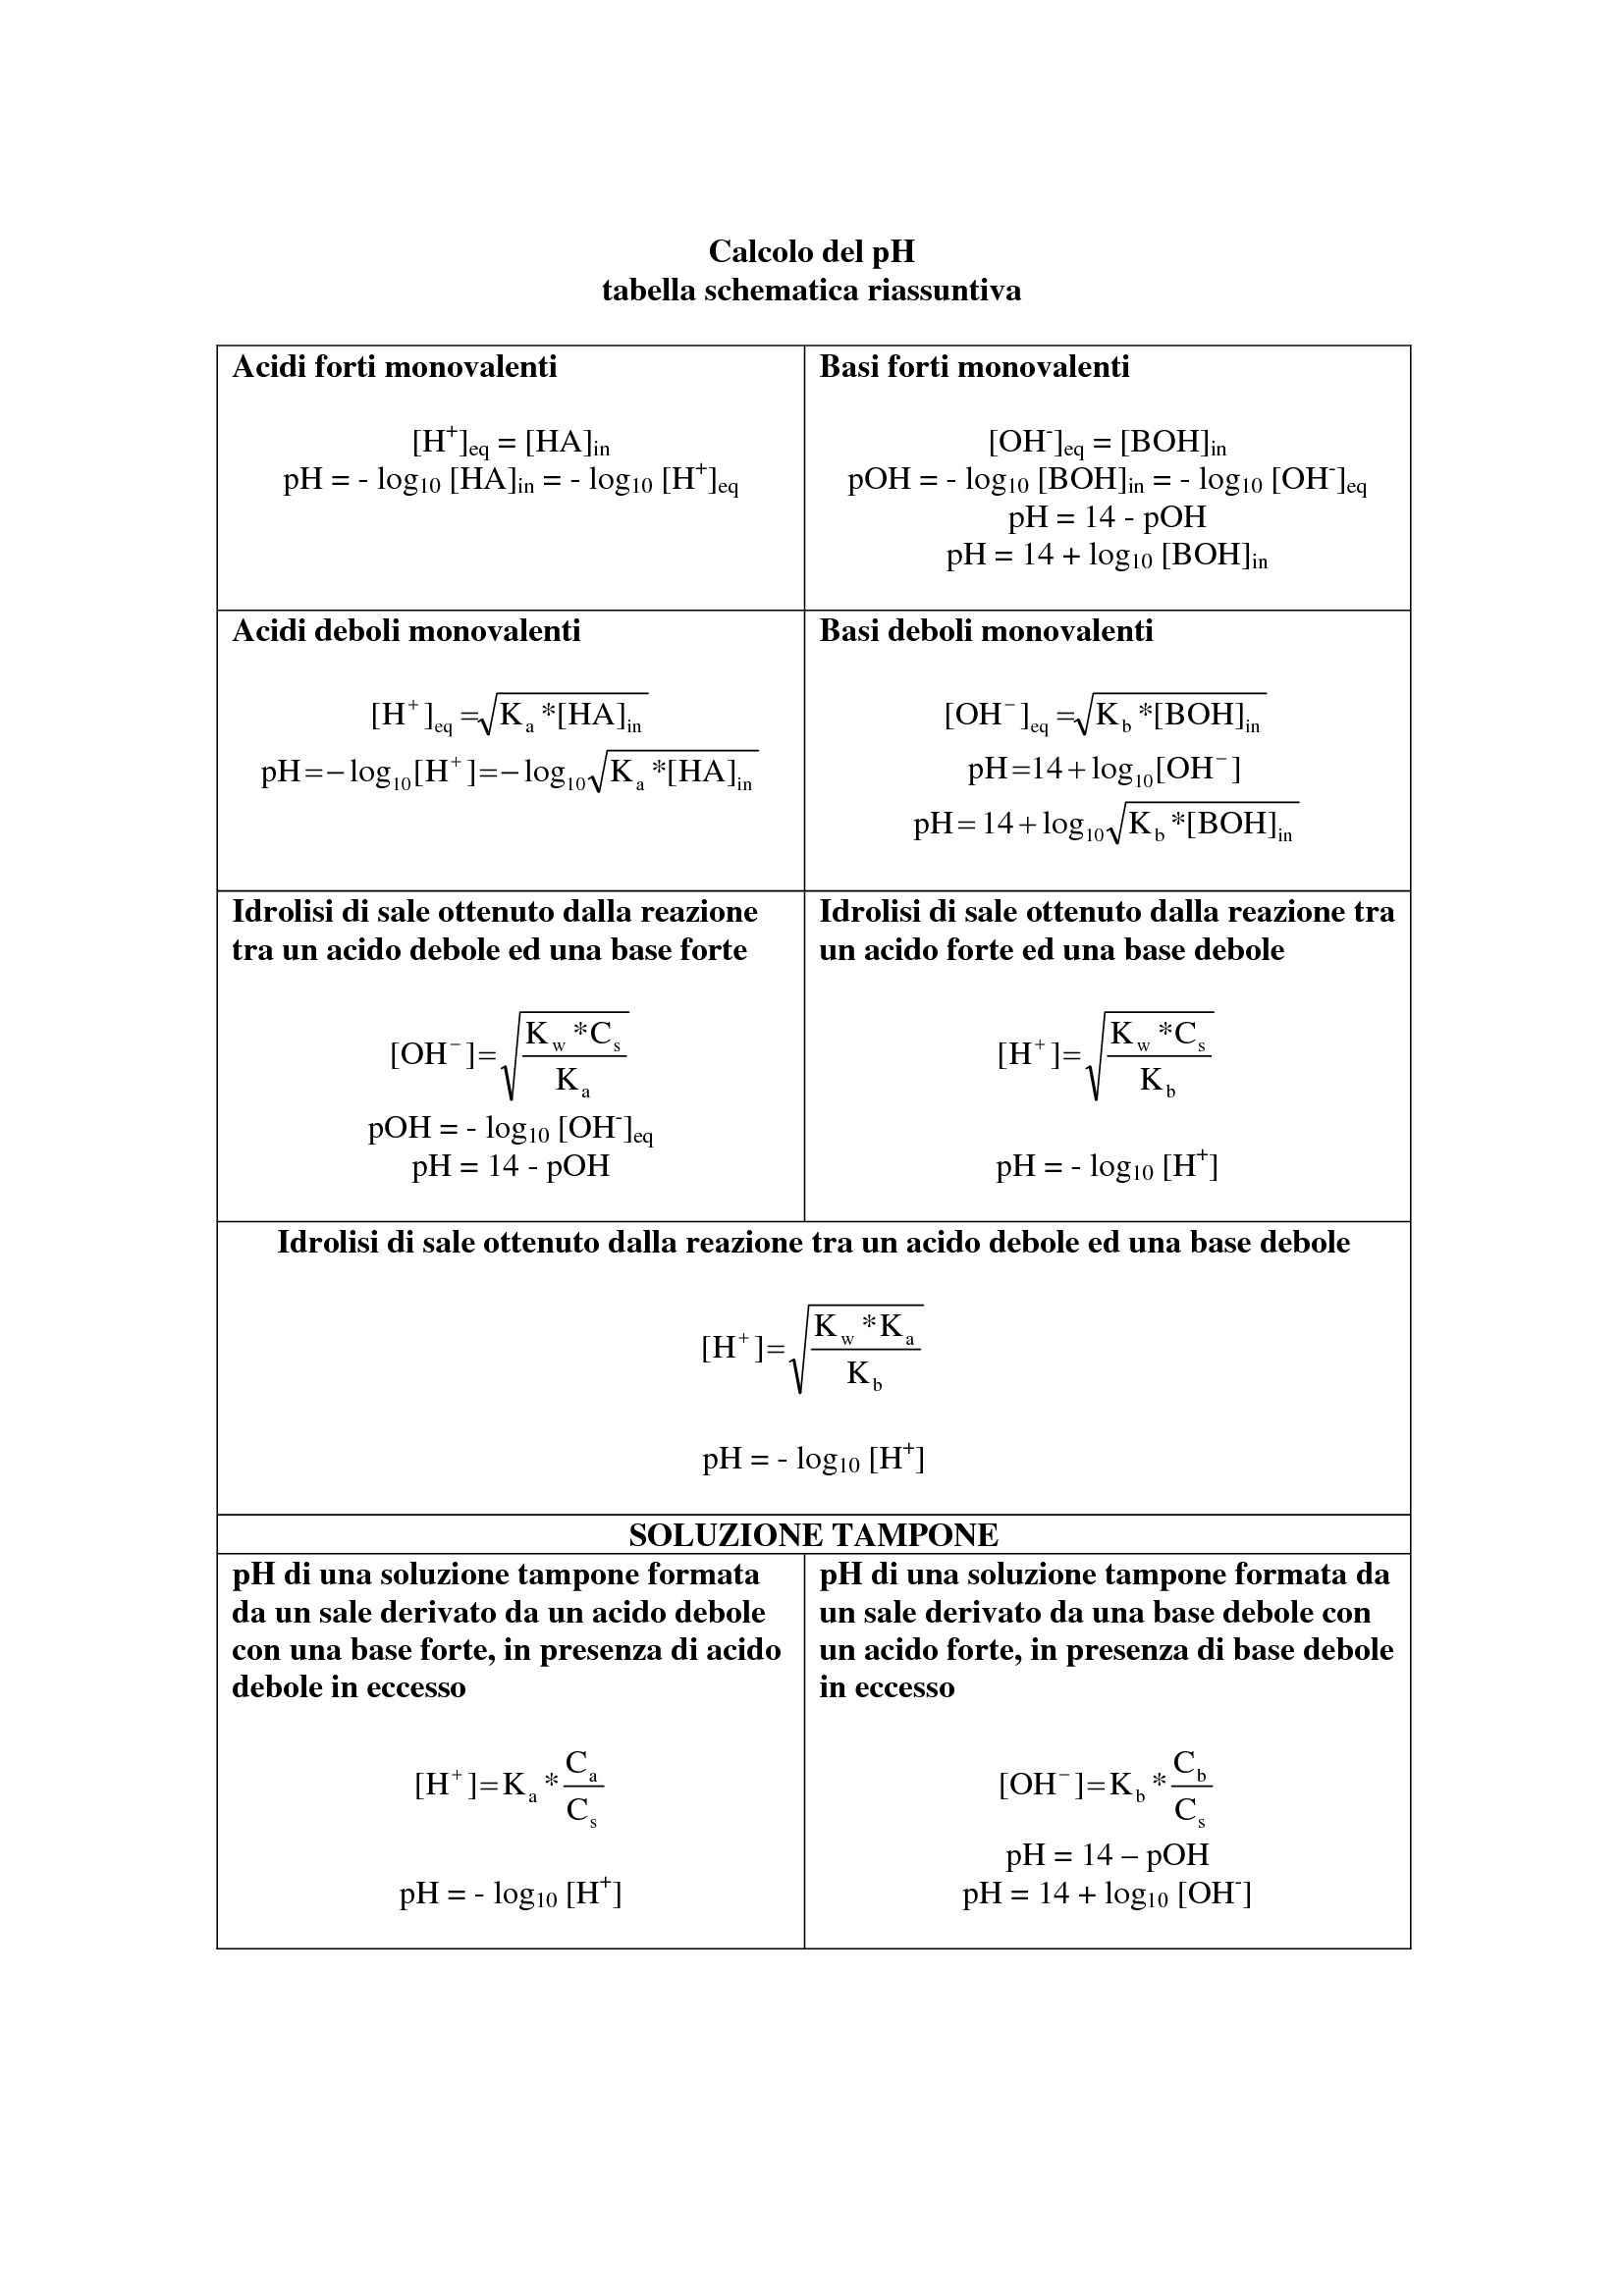 Ph - Tabella per il calcolo